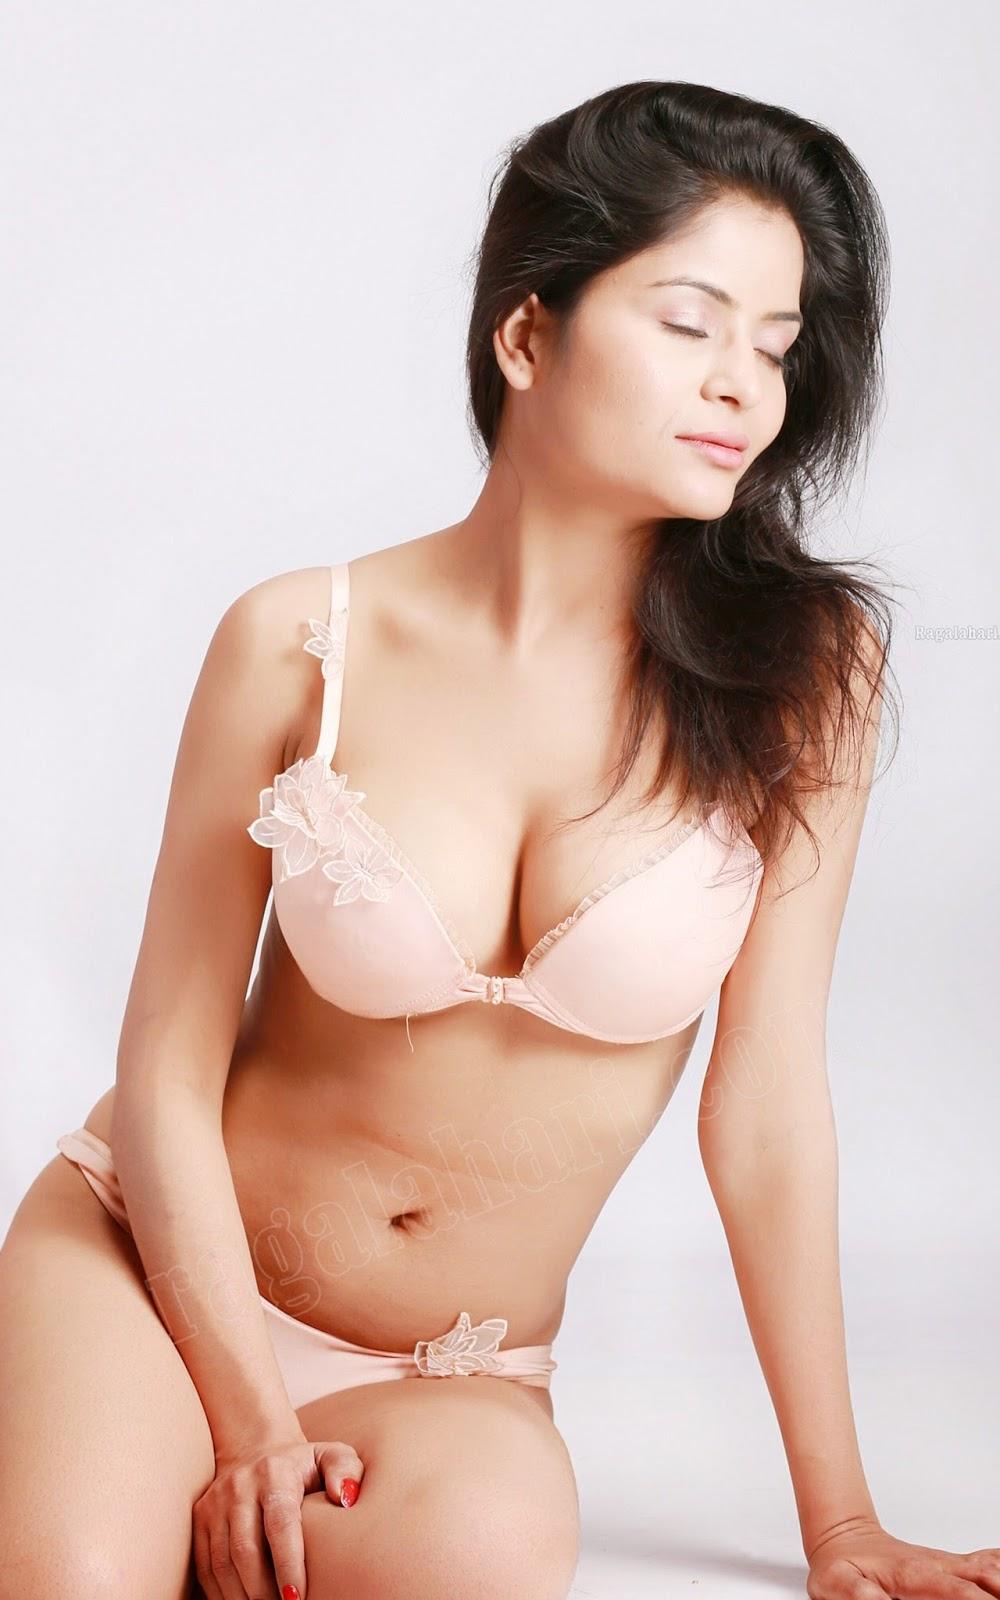 girl-gehana-vasisth-nude-tiny-butts-the